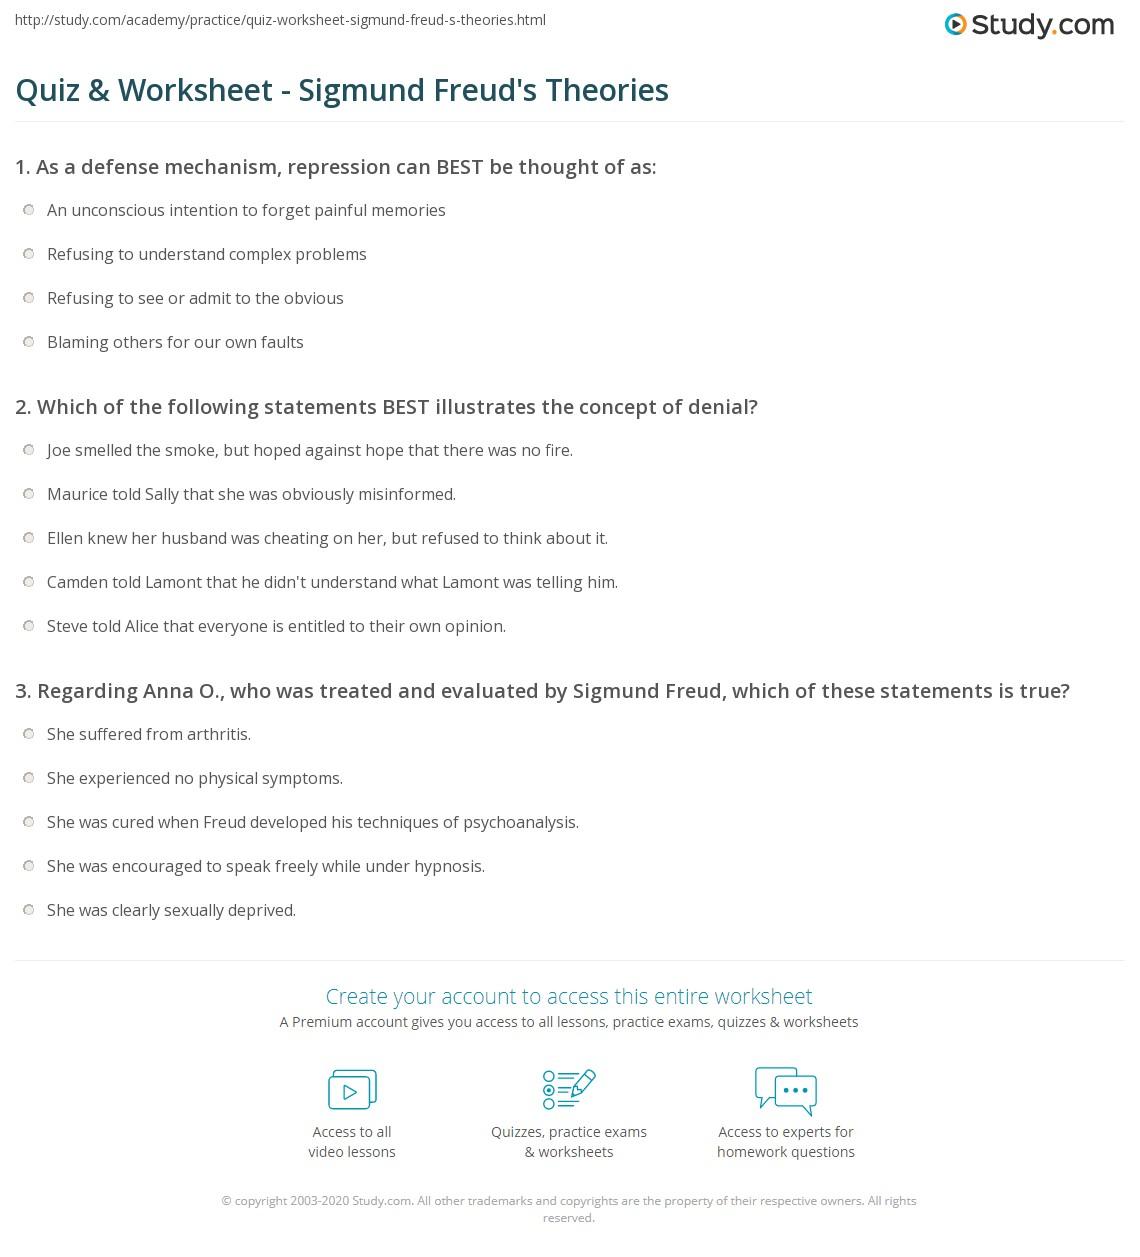 Quiz Worksheet Sigmund Freud S Theories Study Com